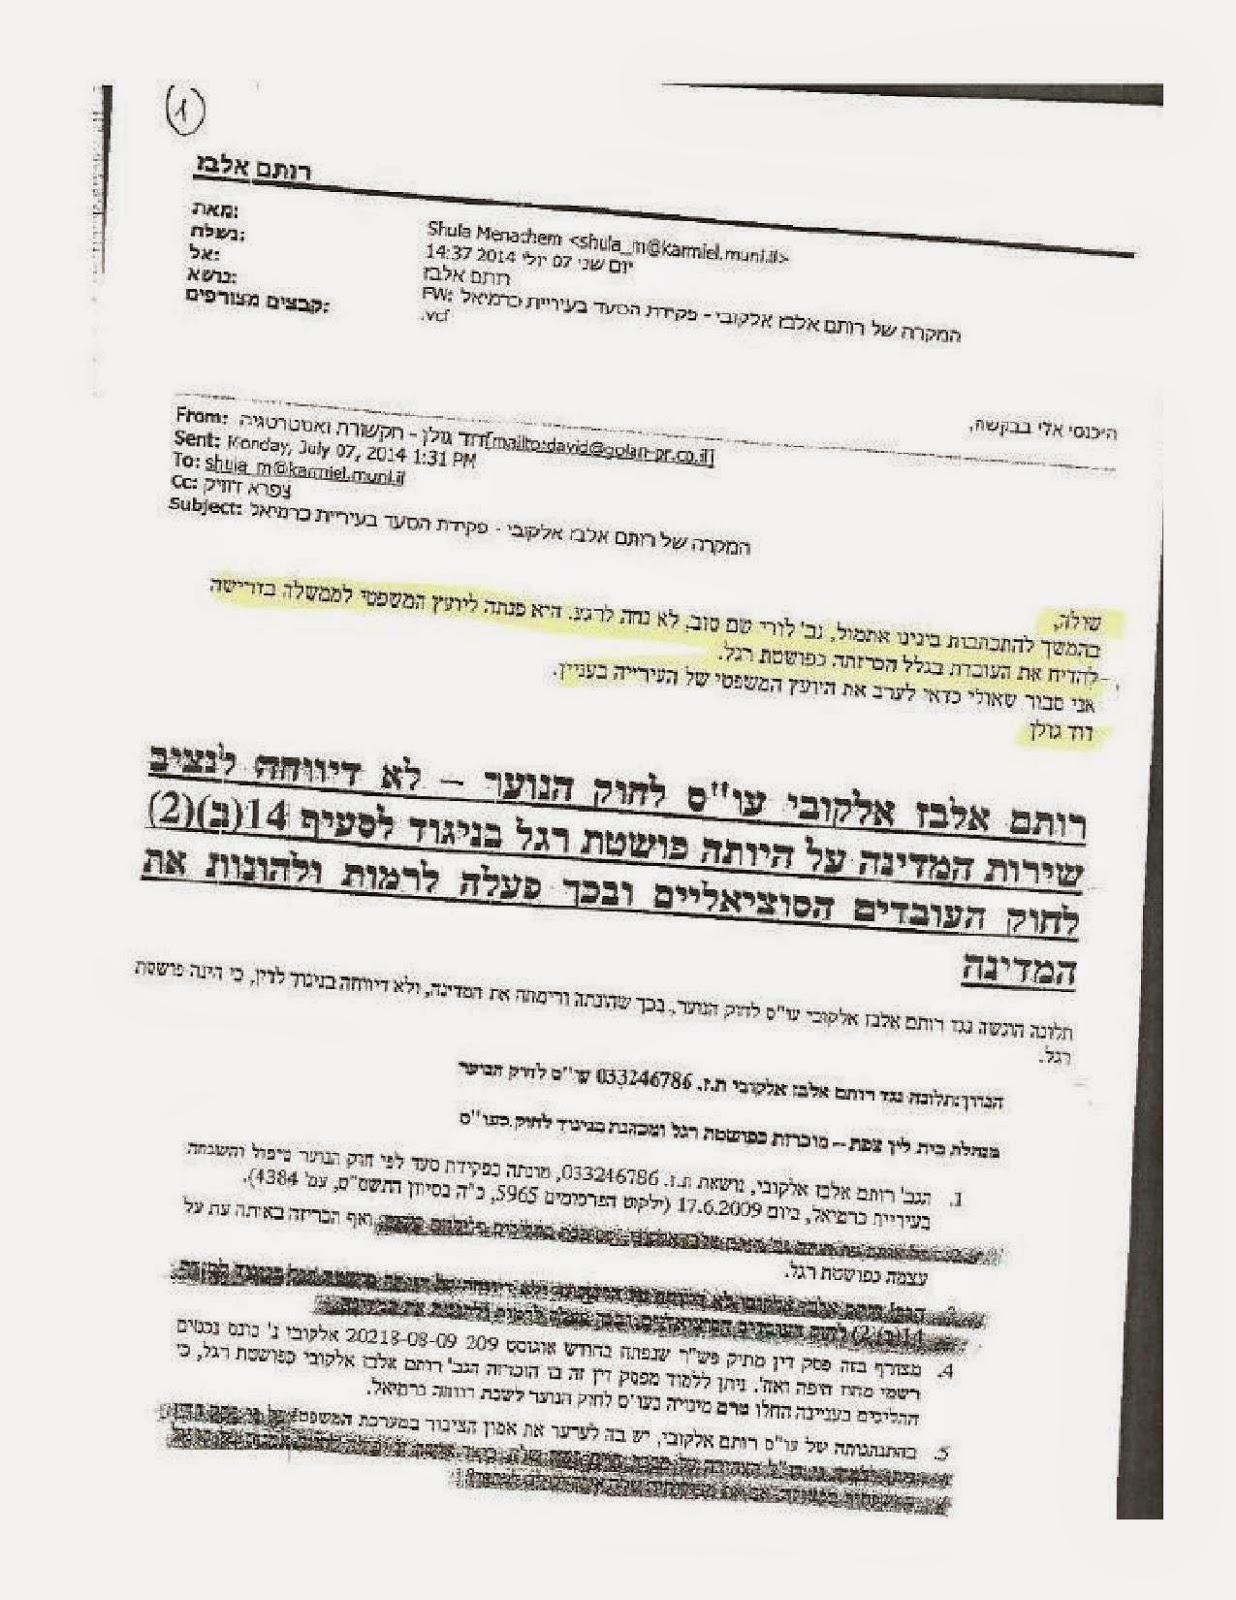 דוד גולן מתערב במינוי פקידות הסעד רותם אלבז אלקובי